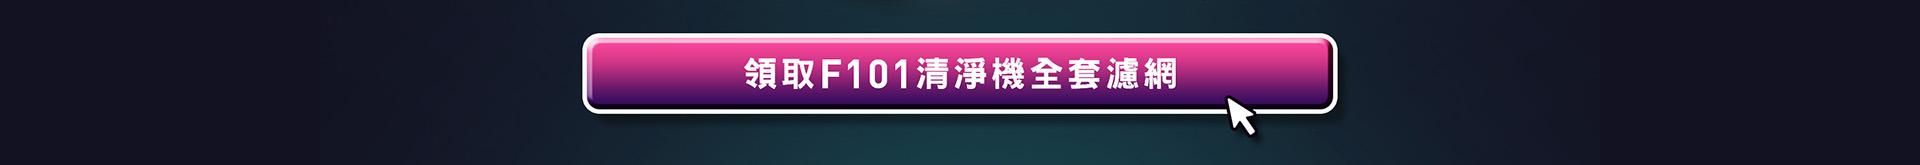 14周年慶-PC版_加寬_20191025_11